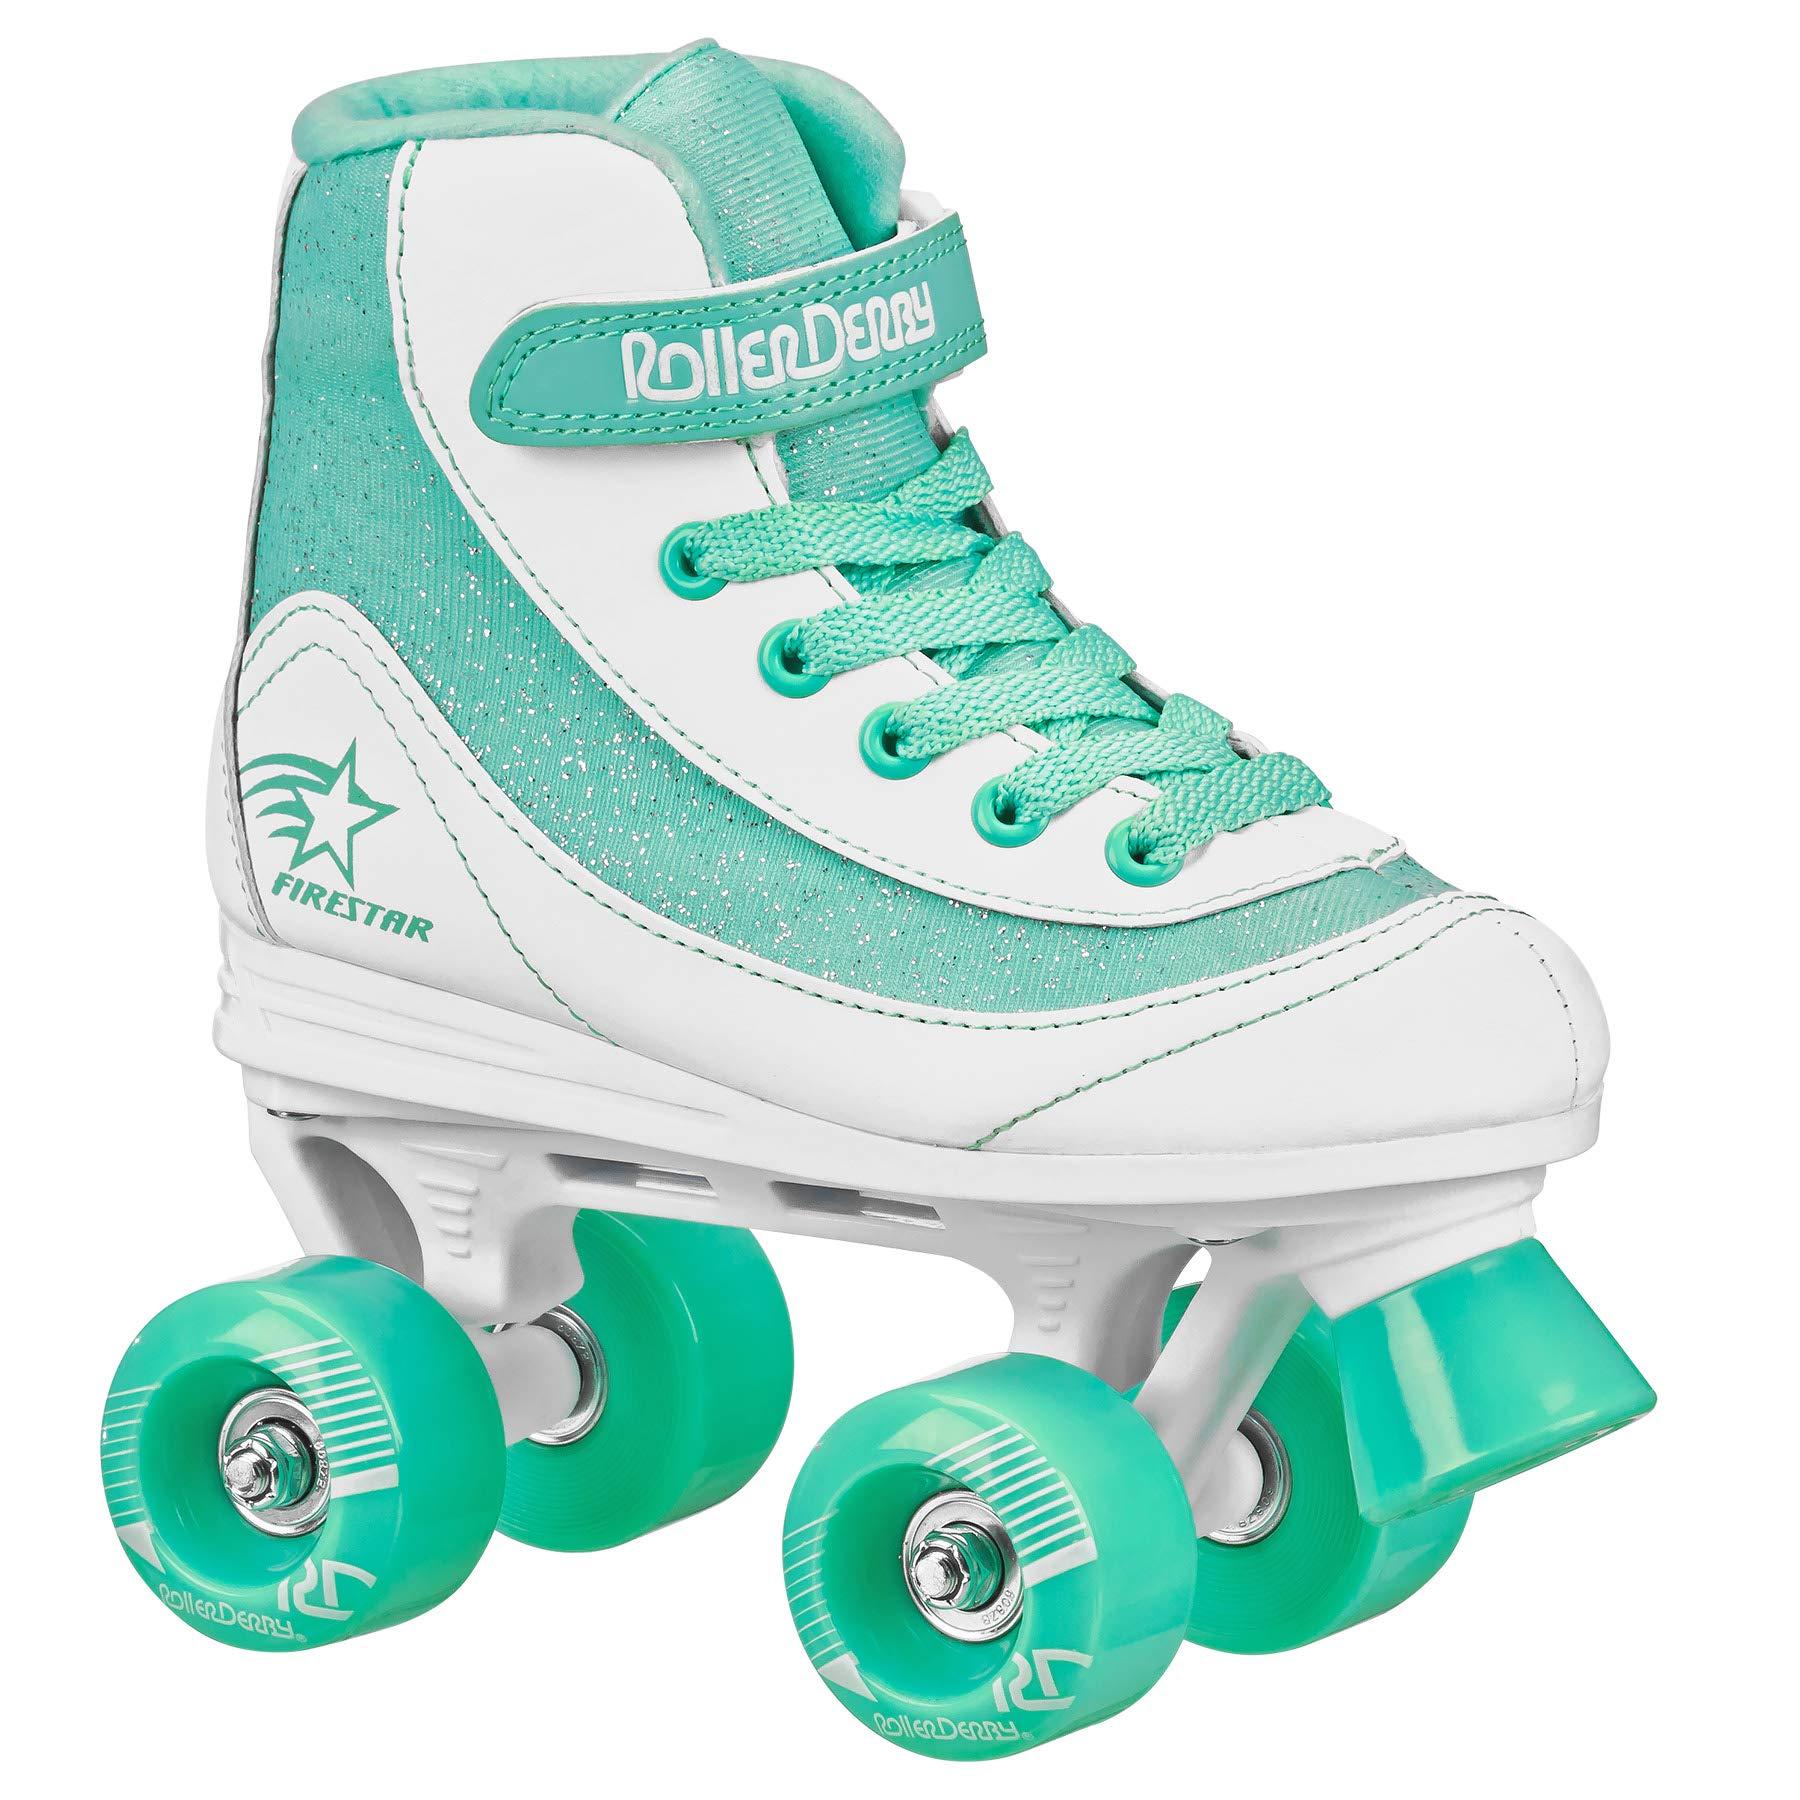 FireStar Youth Girl's Roller Skate (White/Mint, 1)